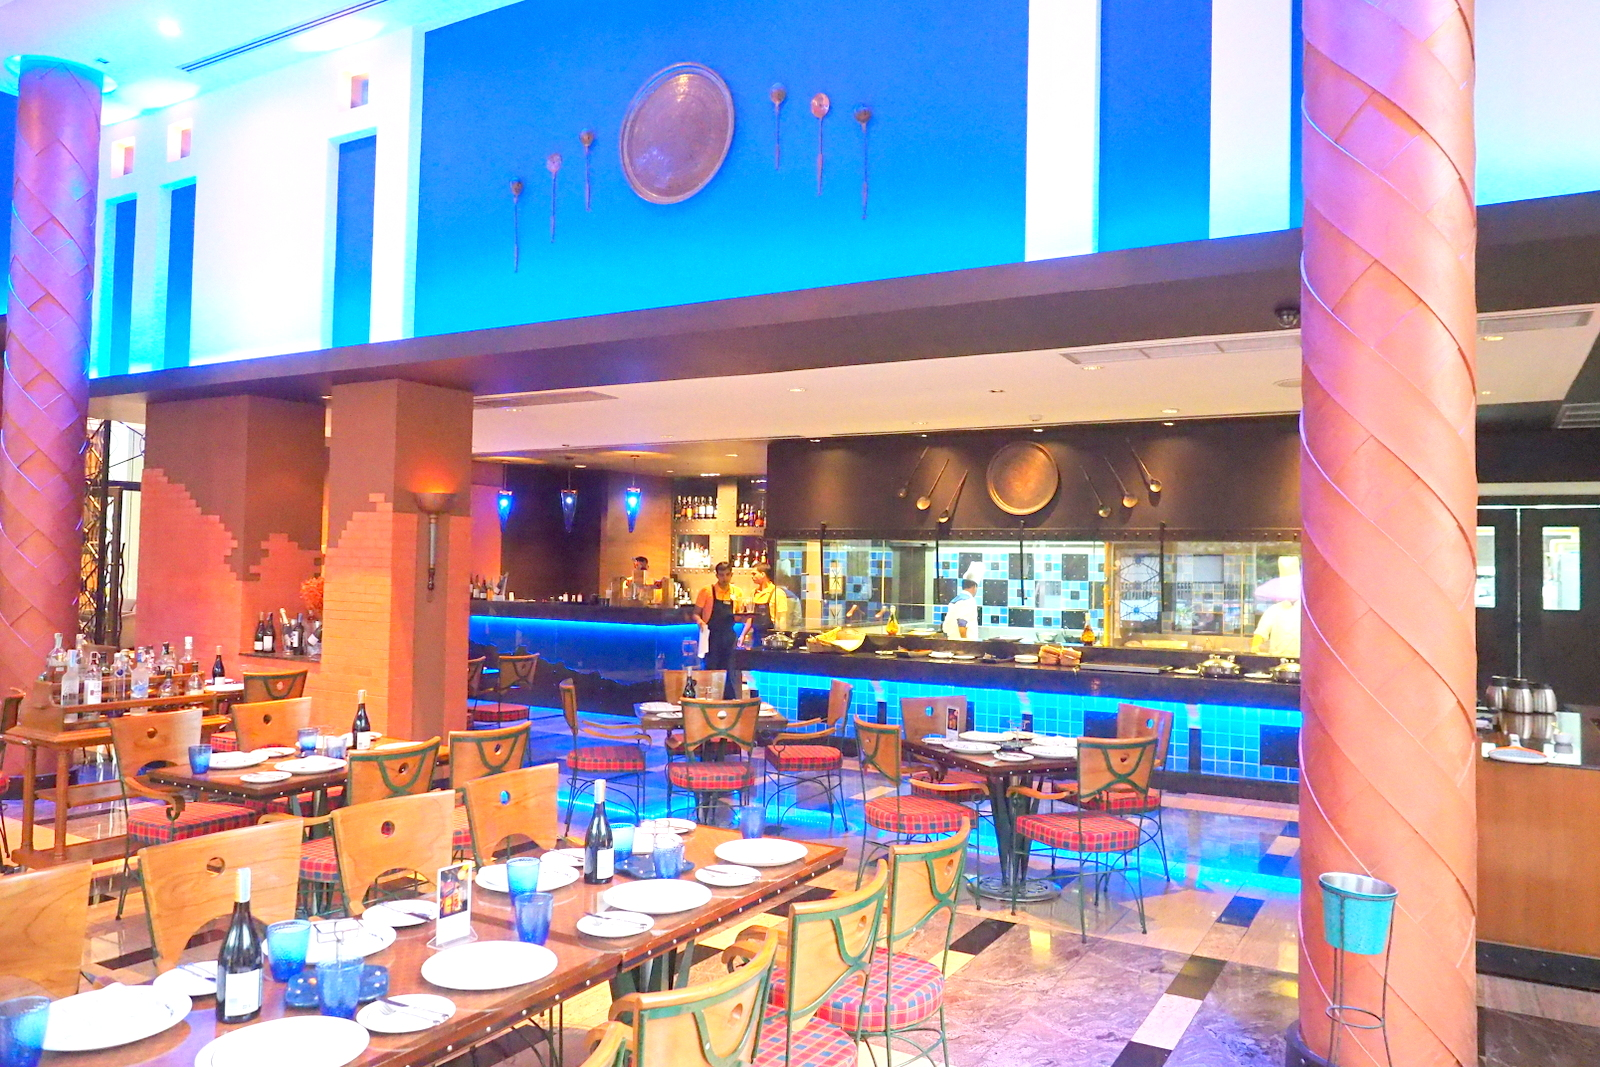 150種類のケバブをたのしむ、本格インド料理店 『GREAT KABAB FACTORY』